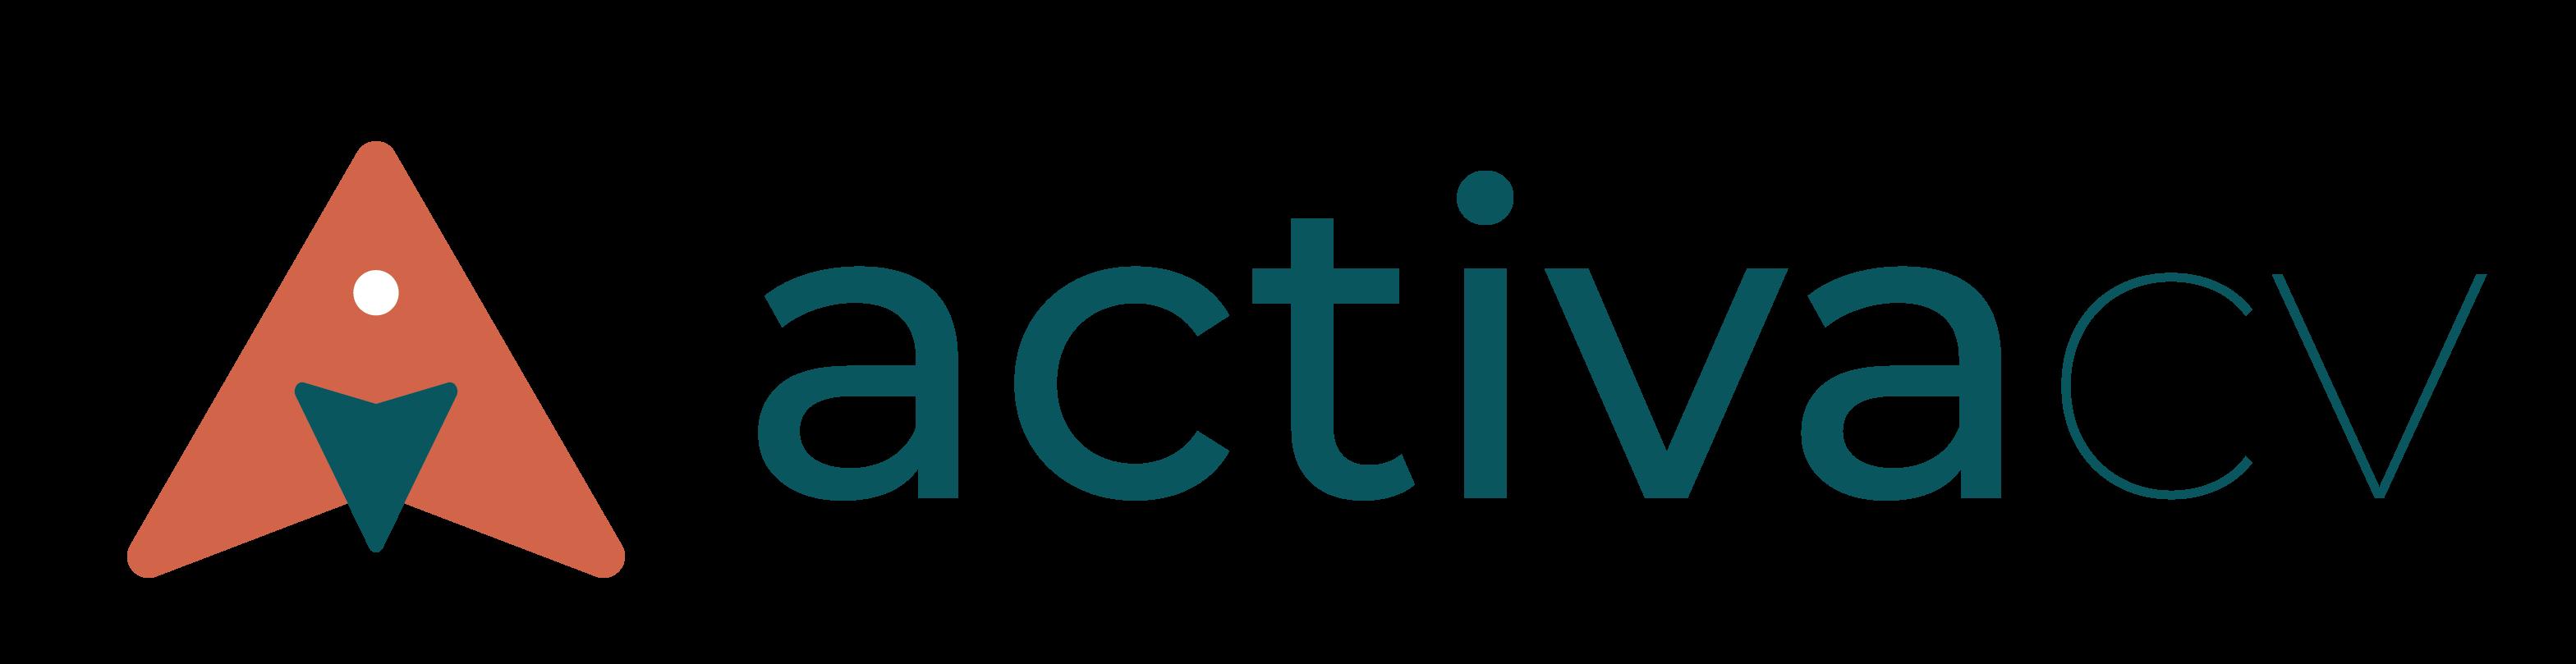 activacv